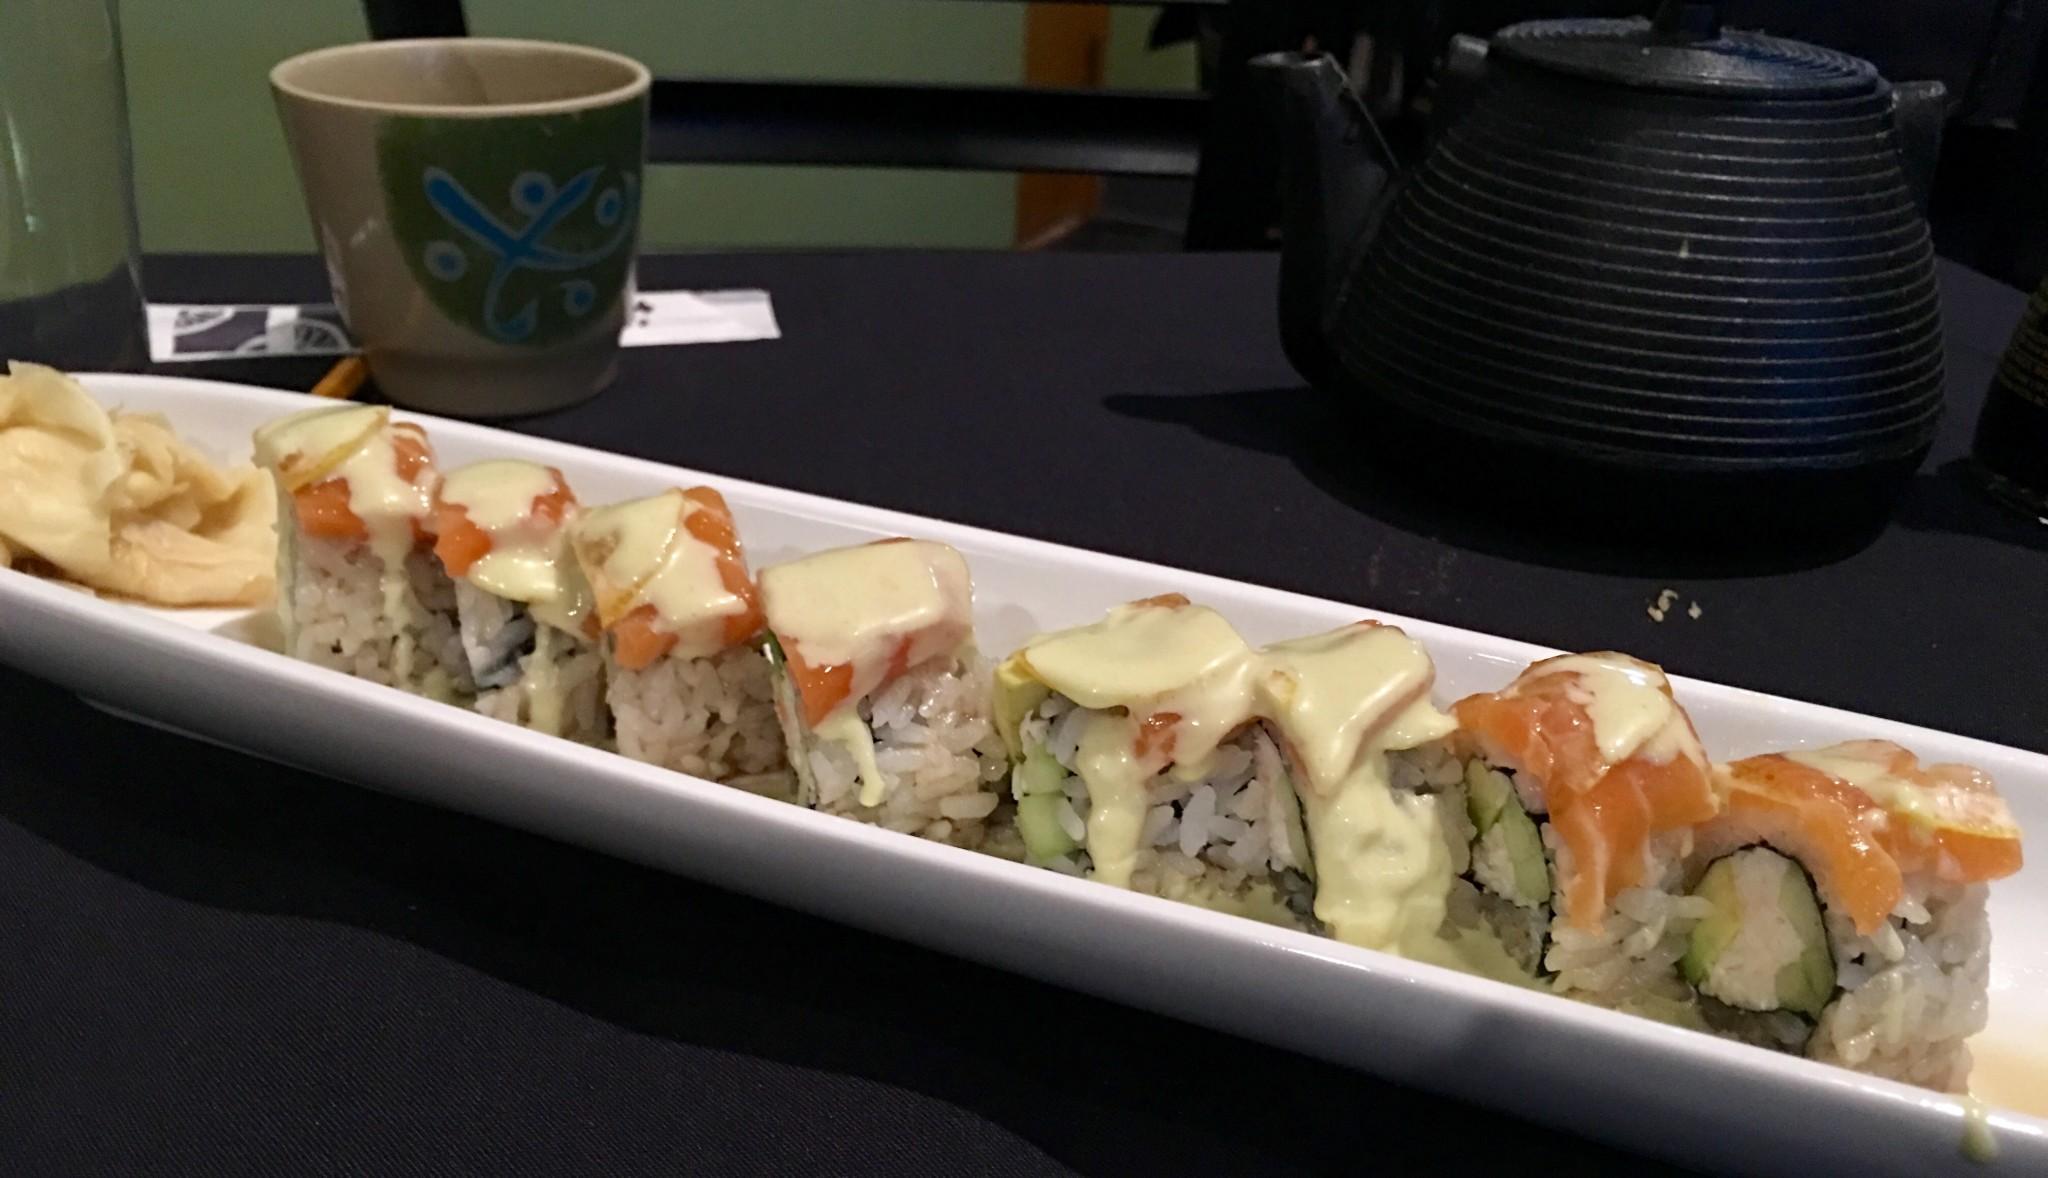 Eating Nemo roll at Wabi Sabi.